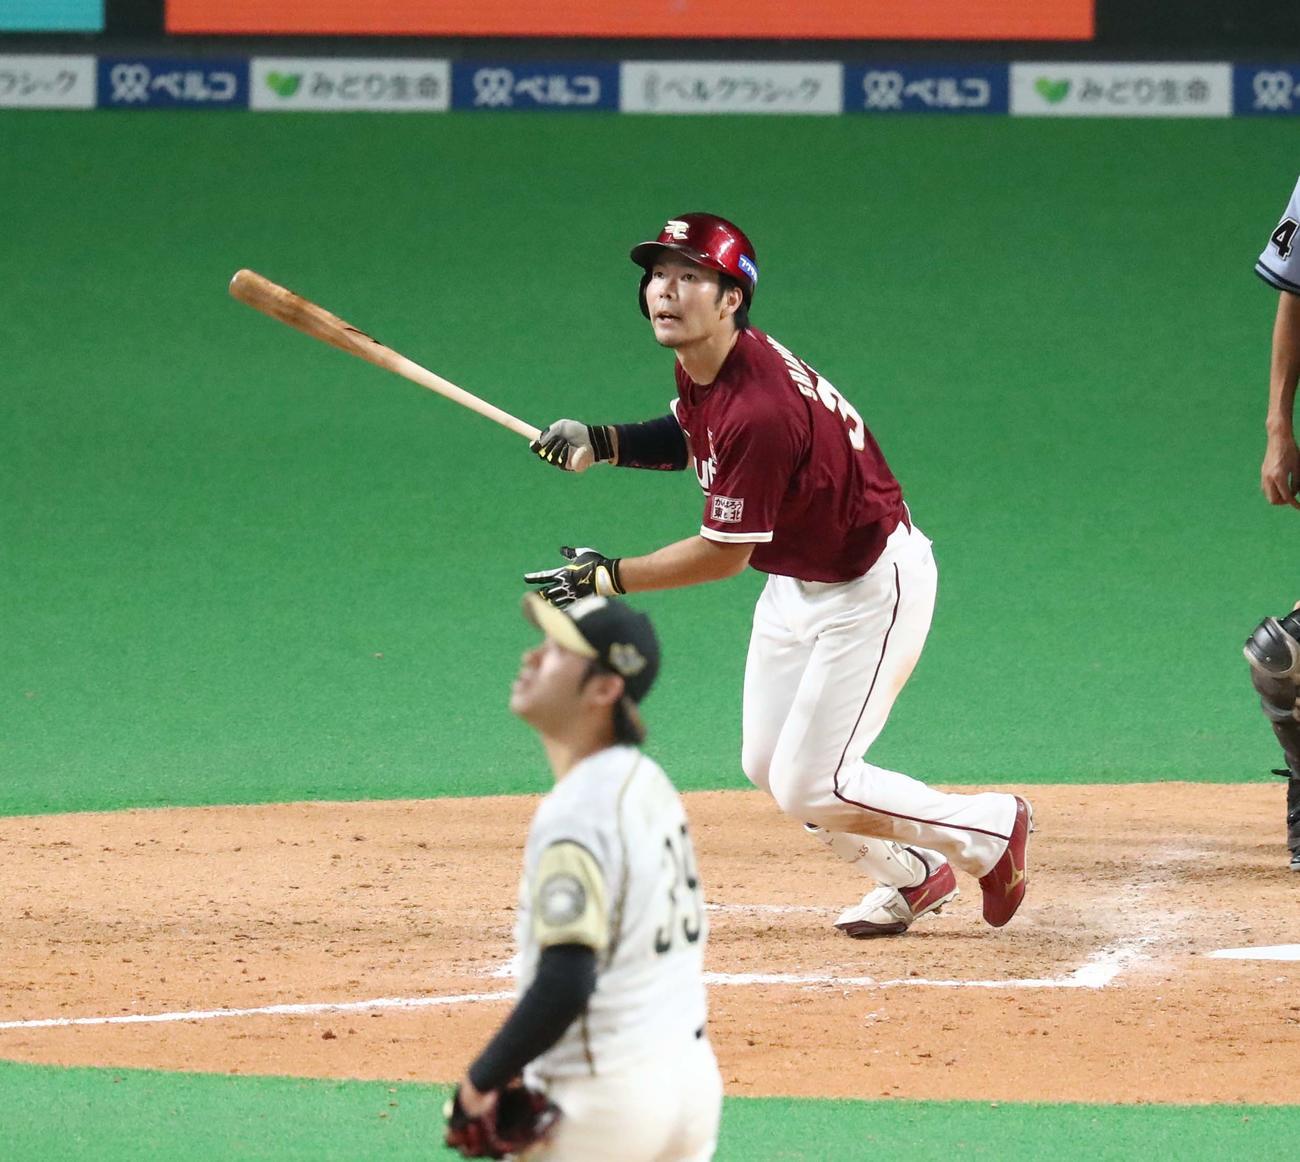 日本ハム対楽天 9回表楽天2死一、二塁、右越え3点本塁打を放つ島内(撮影・黒川智章)